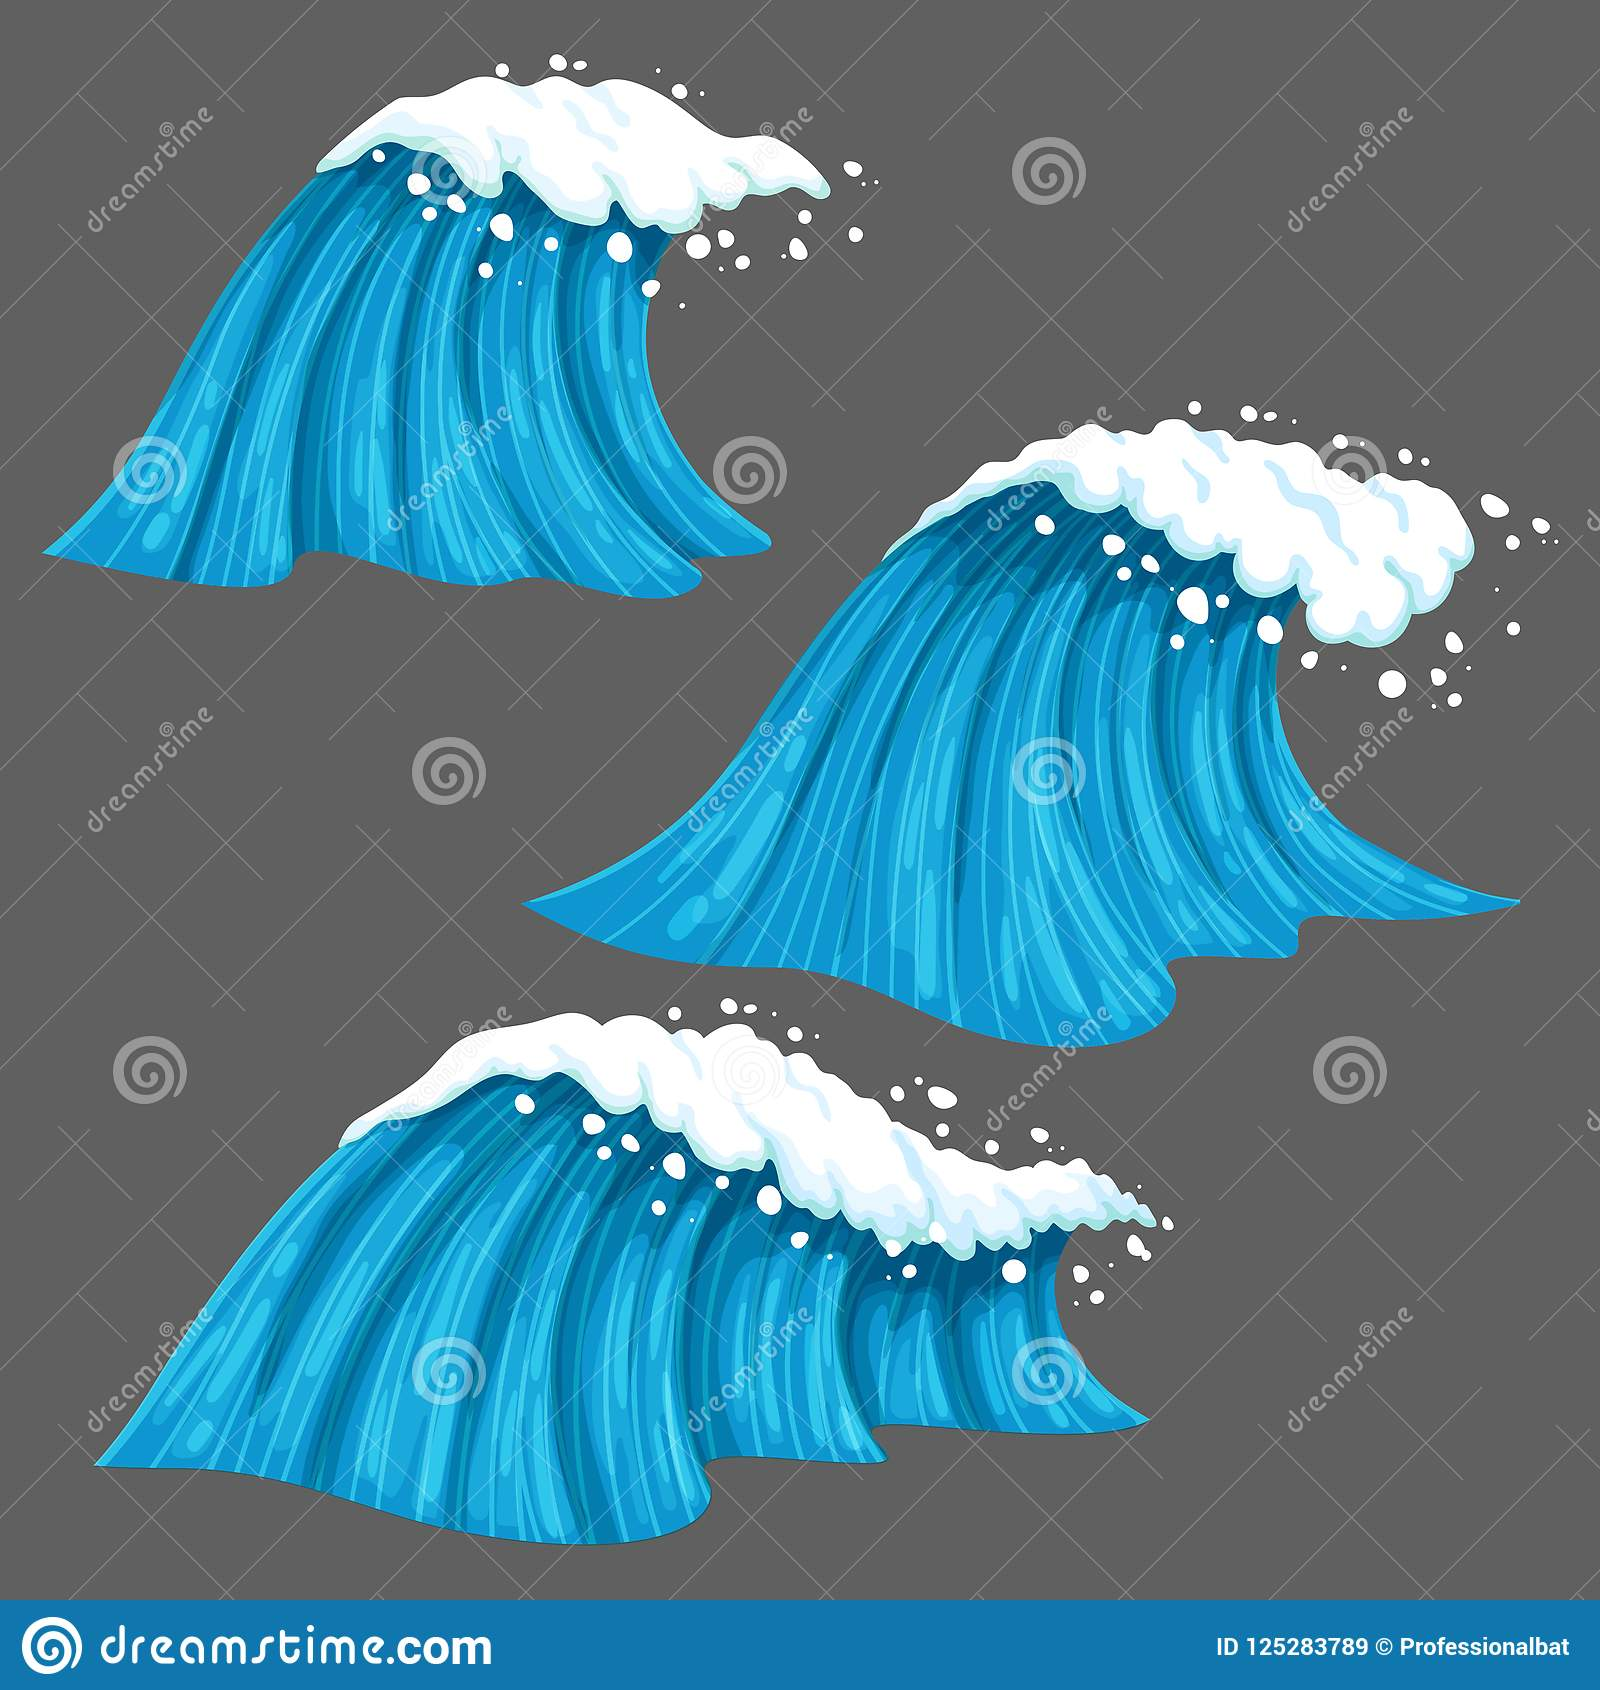 Ευρέα και στενά ζωηρόχρωμα κύματα με απομονωμένος στο γκρίζο υπόβαθρο